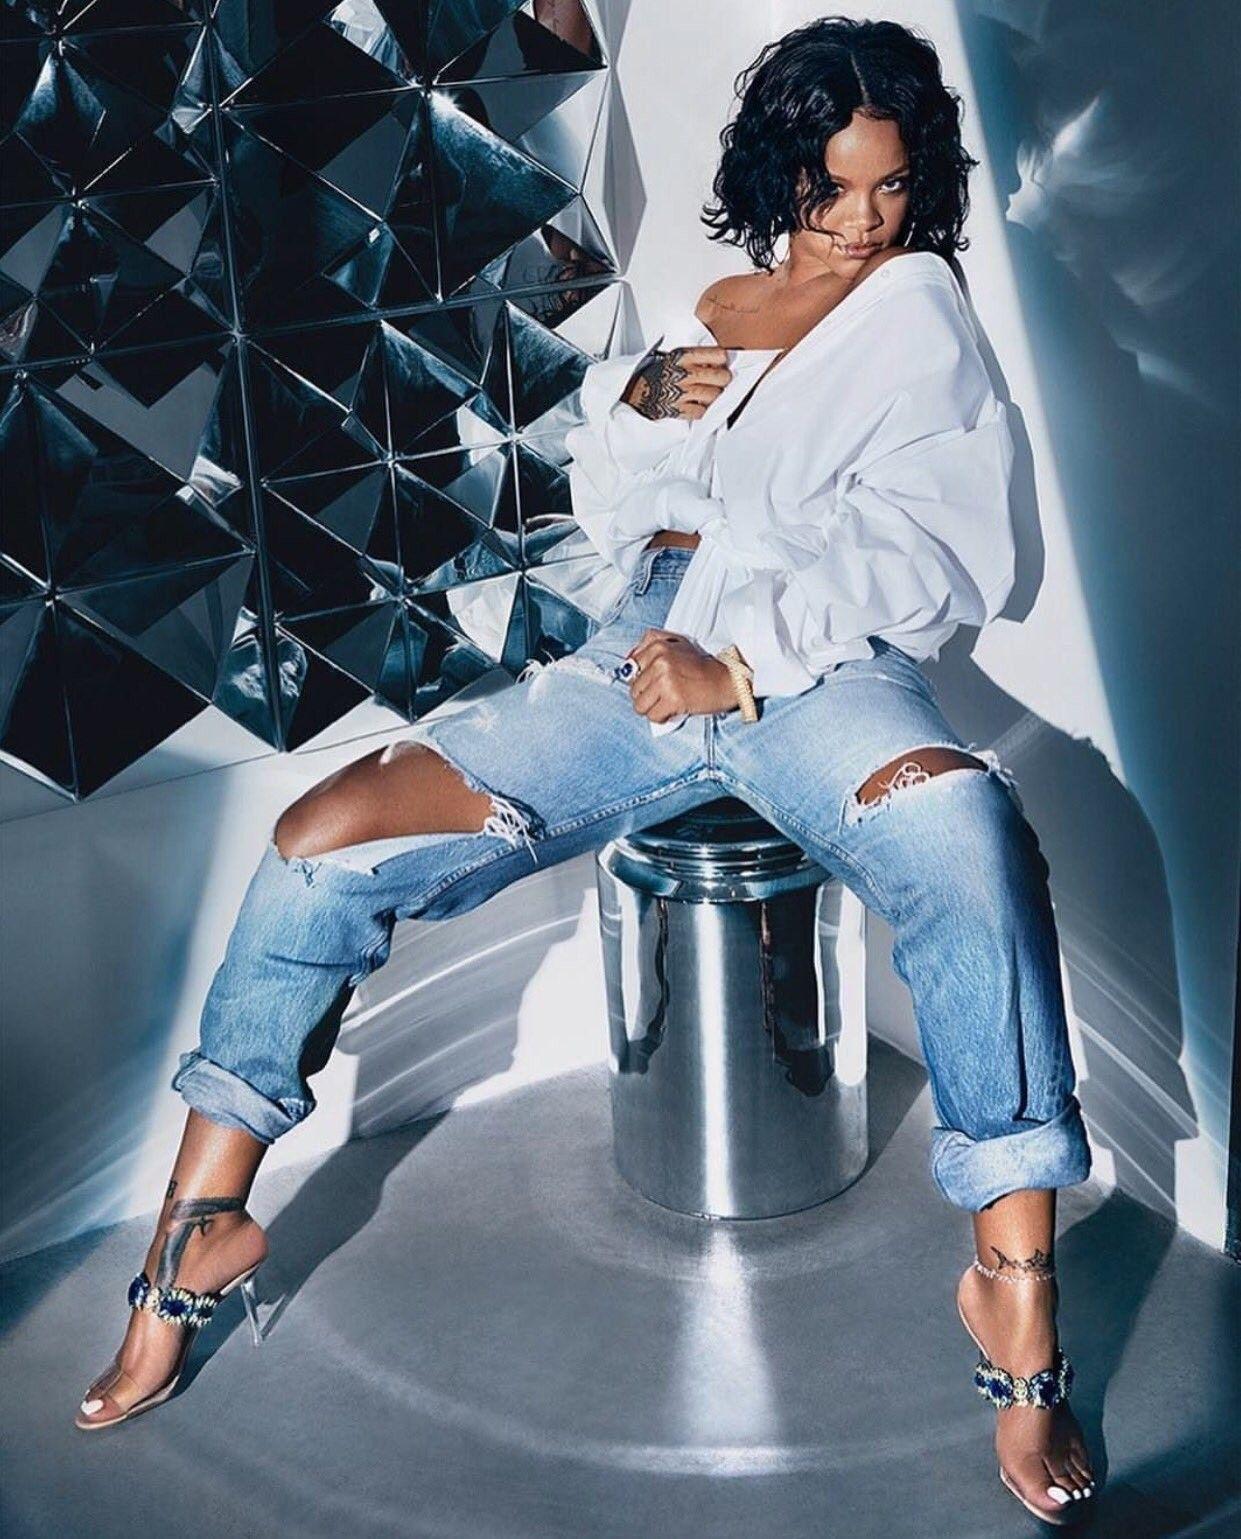 accebee6b91d Rihanna.